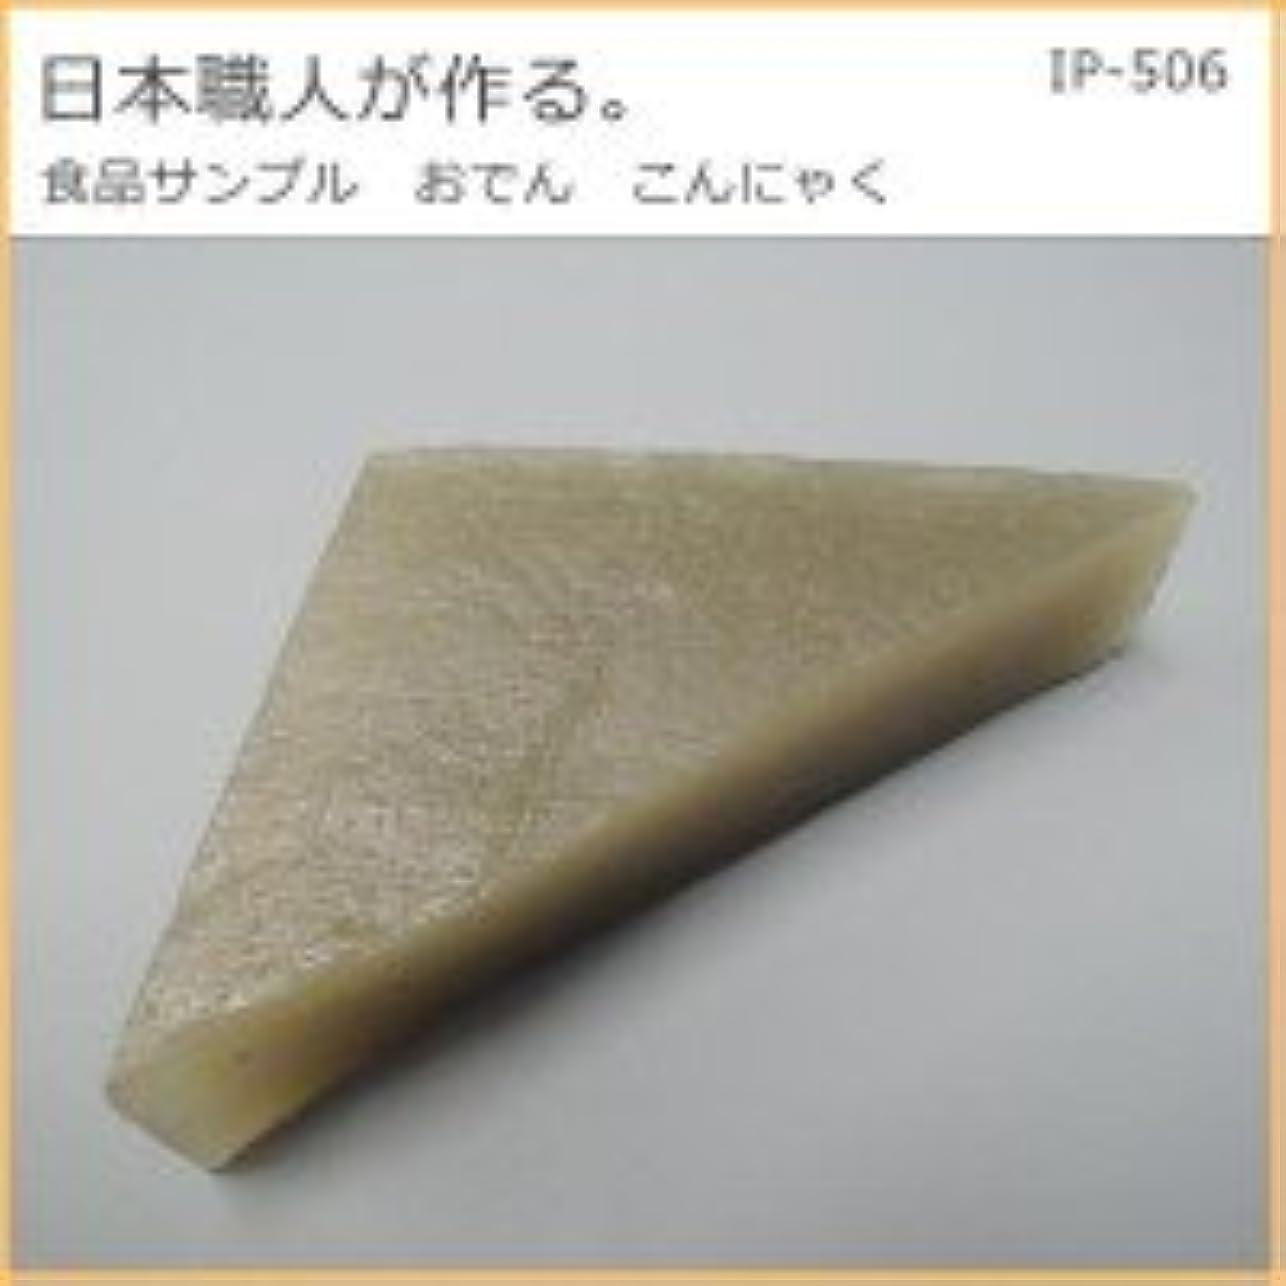 それに応じて枝びっくりする日本職人が作る 食品サンプル おでん こんにゃく IP-506